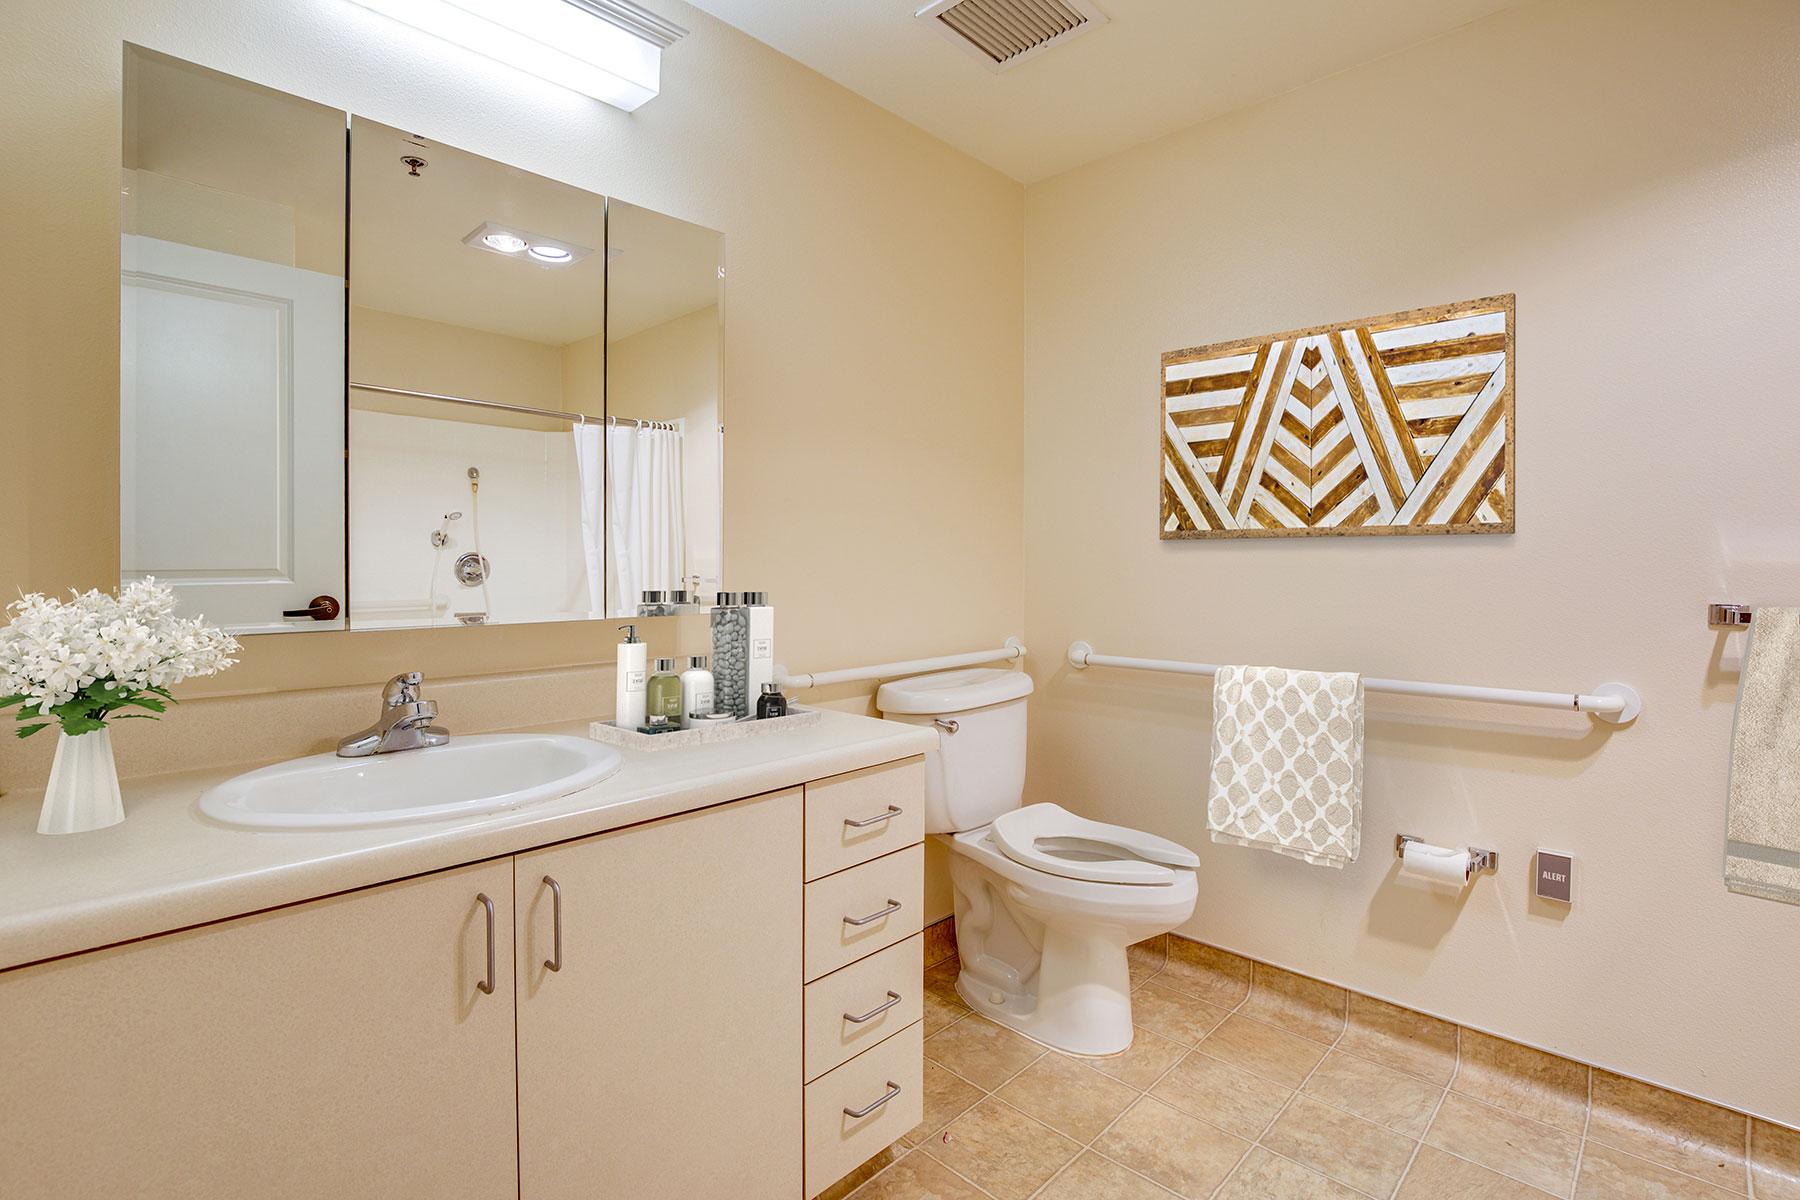 Assisted Living restroom.